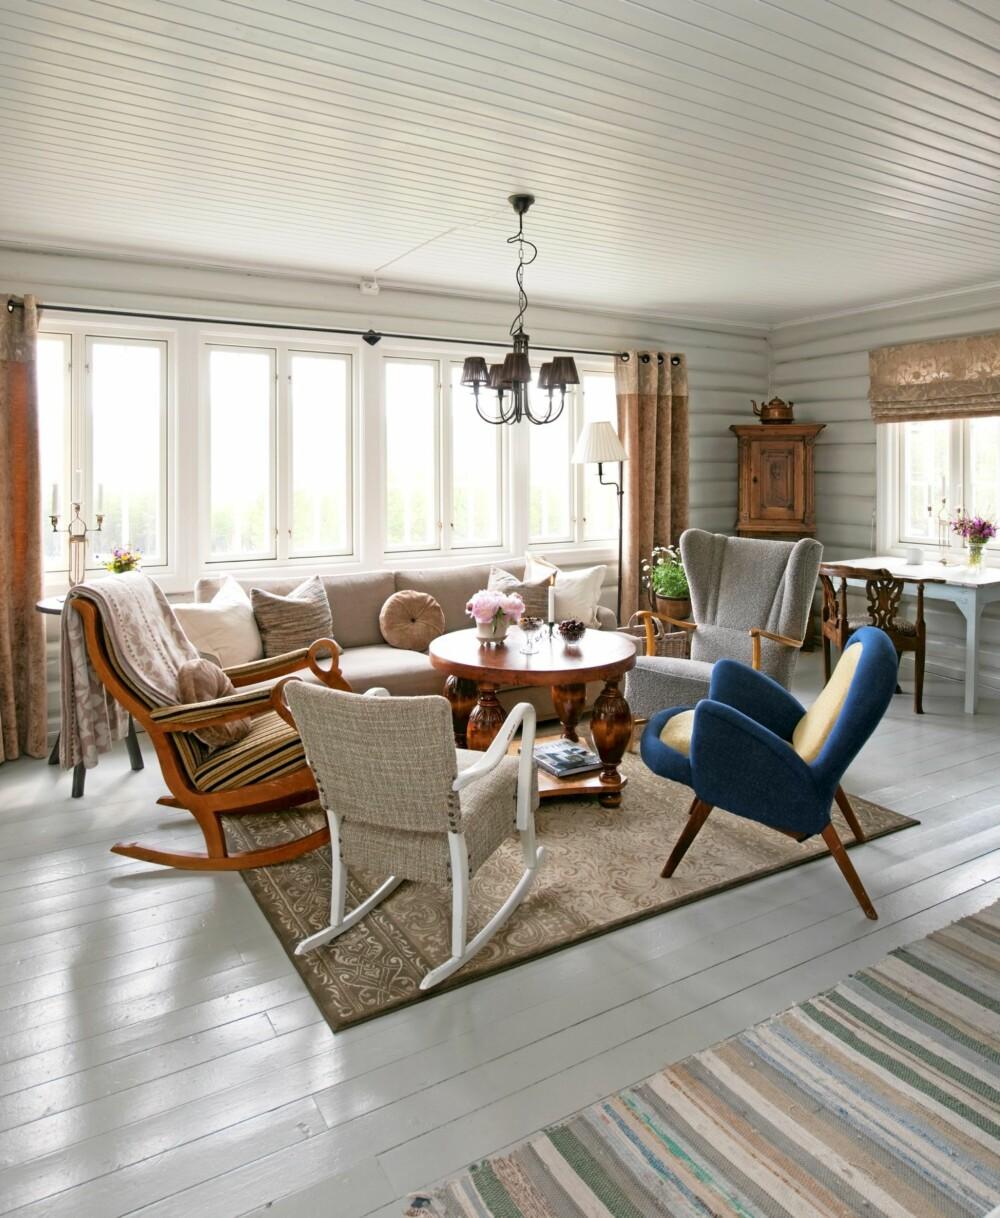 FIIN, GAMMEL: Stuen er møblert i en freidig blanding av lenestoler, alle av gammel av årgang.